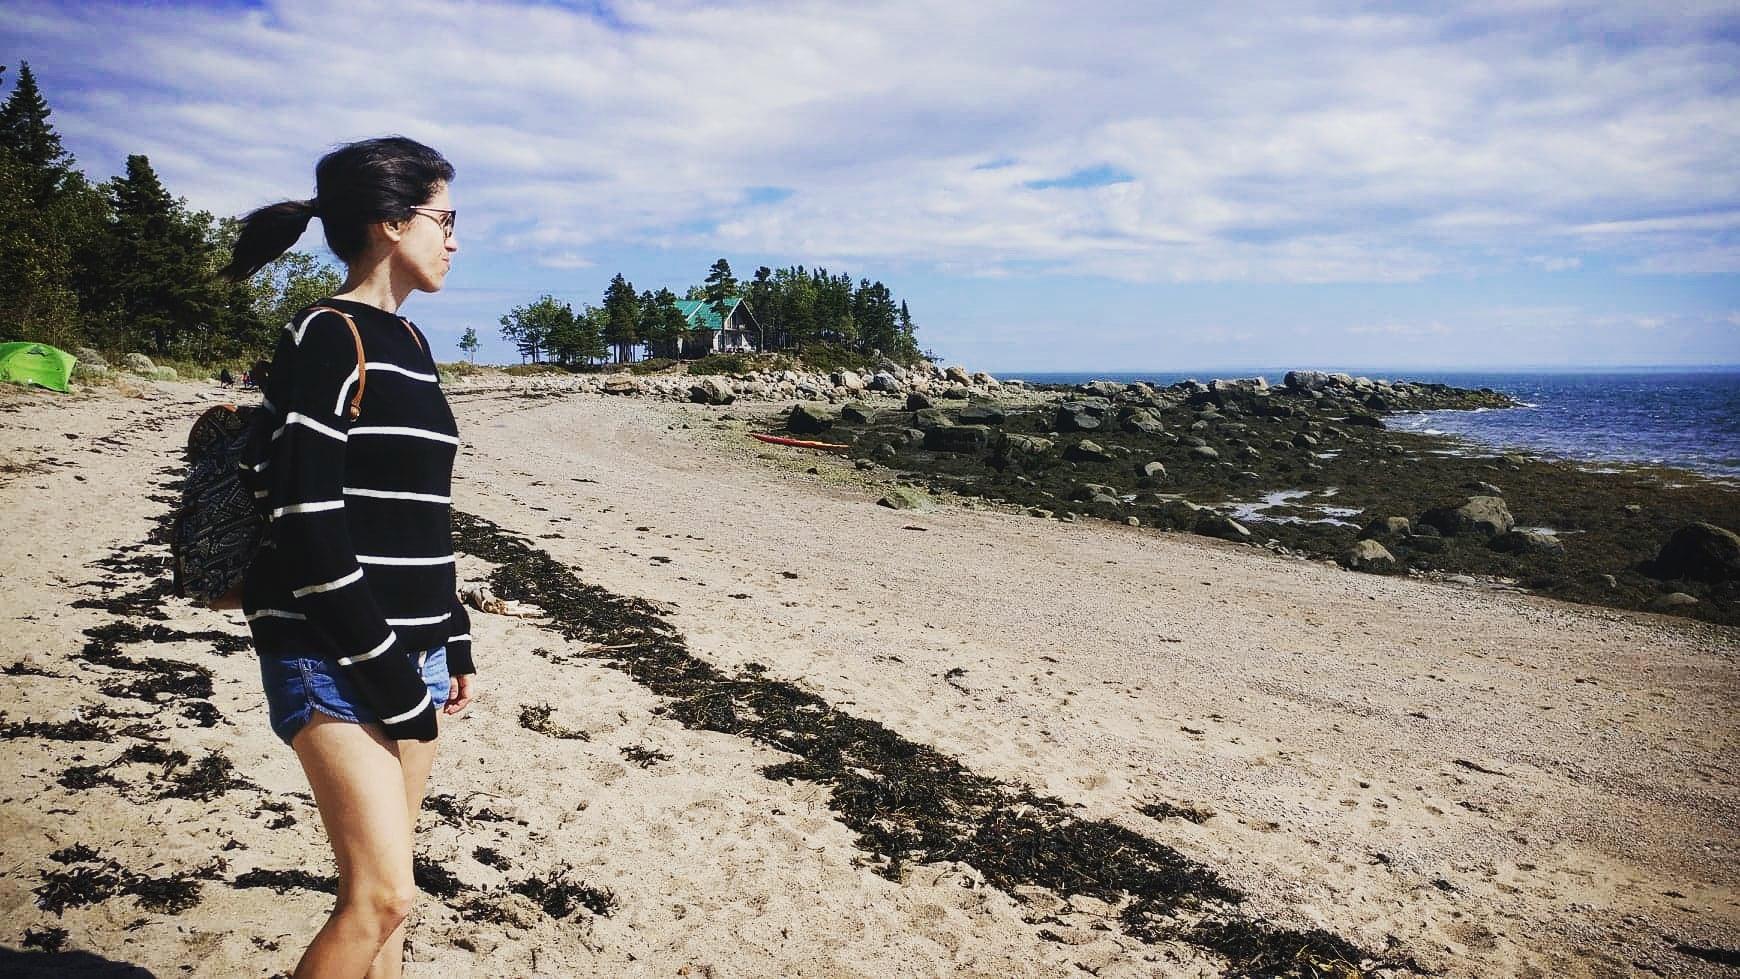 Plage baie-des-rochers